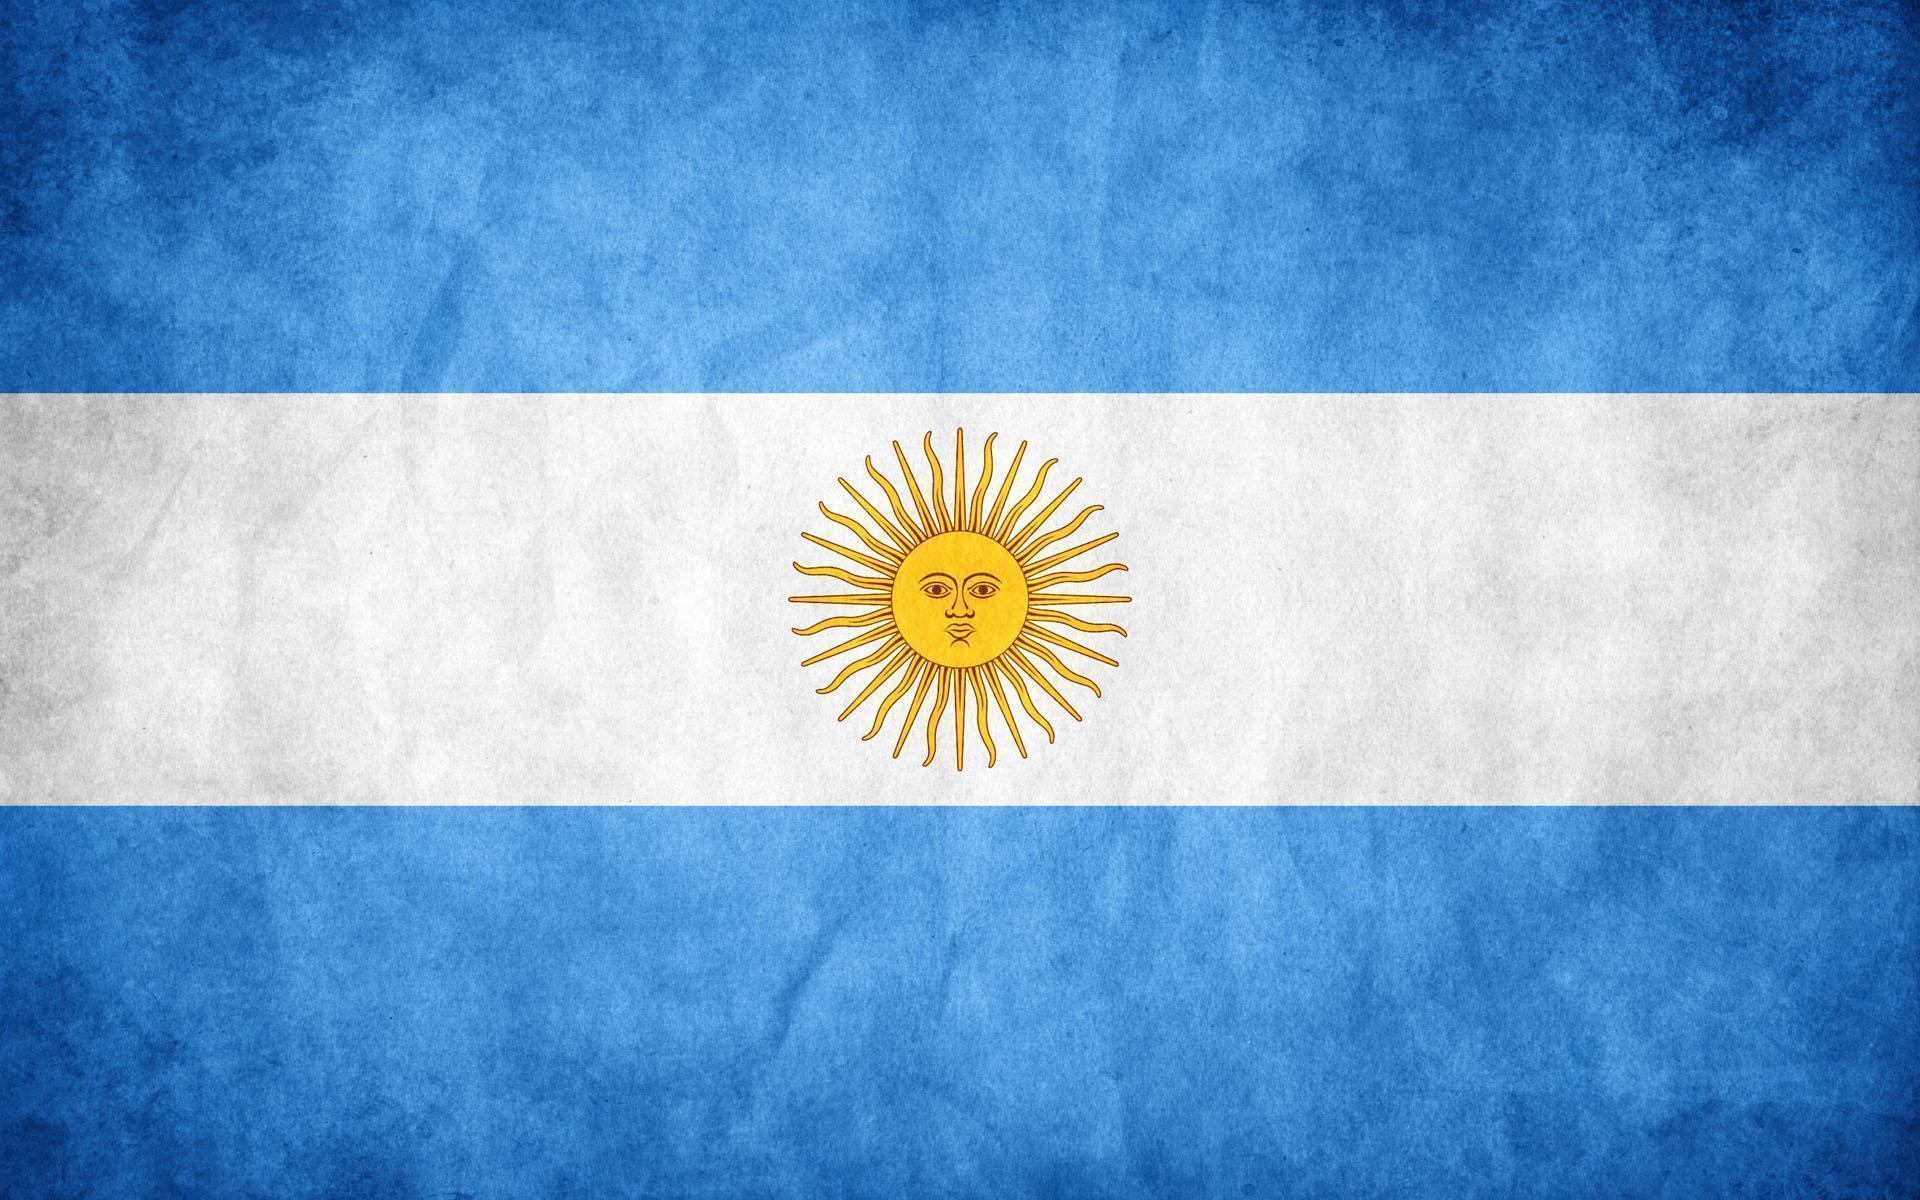 Argentina Aprovou Legislação que Permitirá o Acesso Gratuito à Cirurgia de Reconstrução de Mama e Próteses